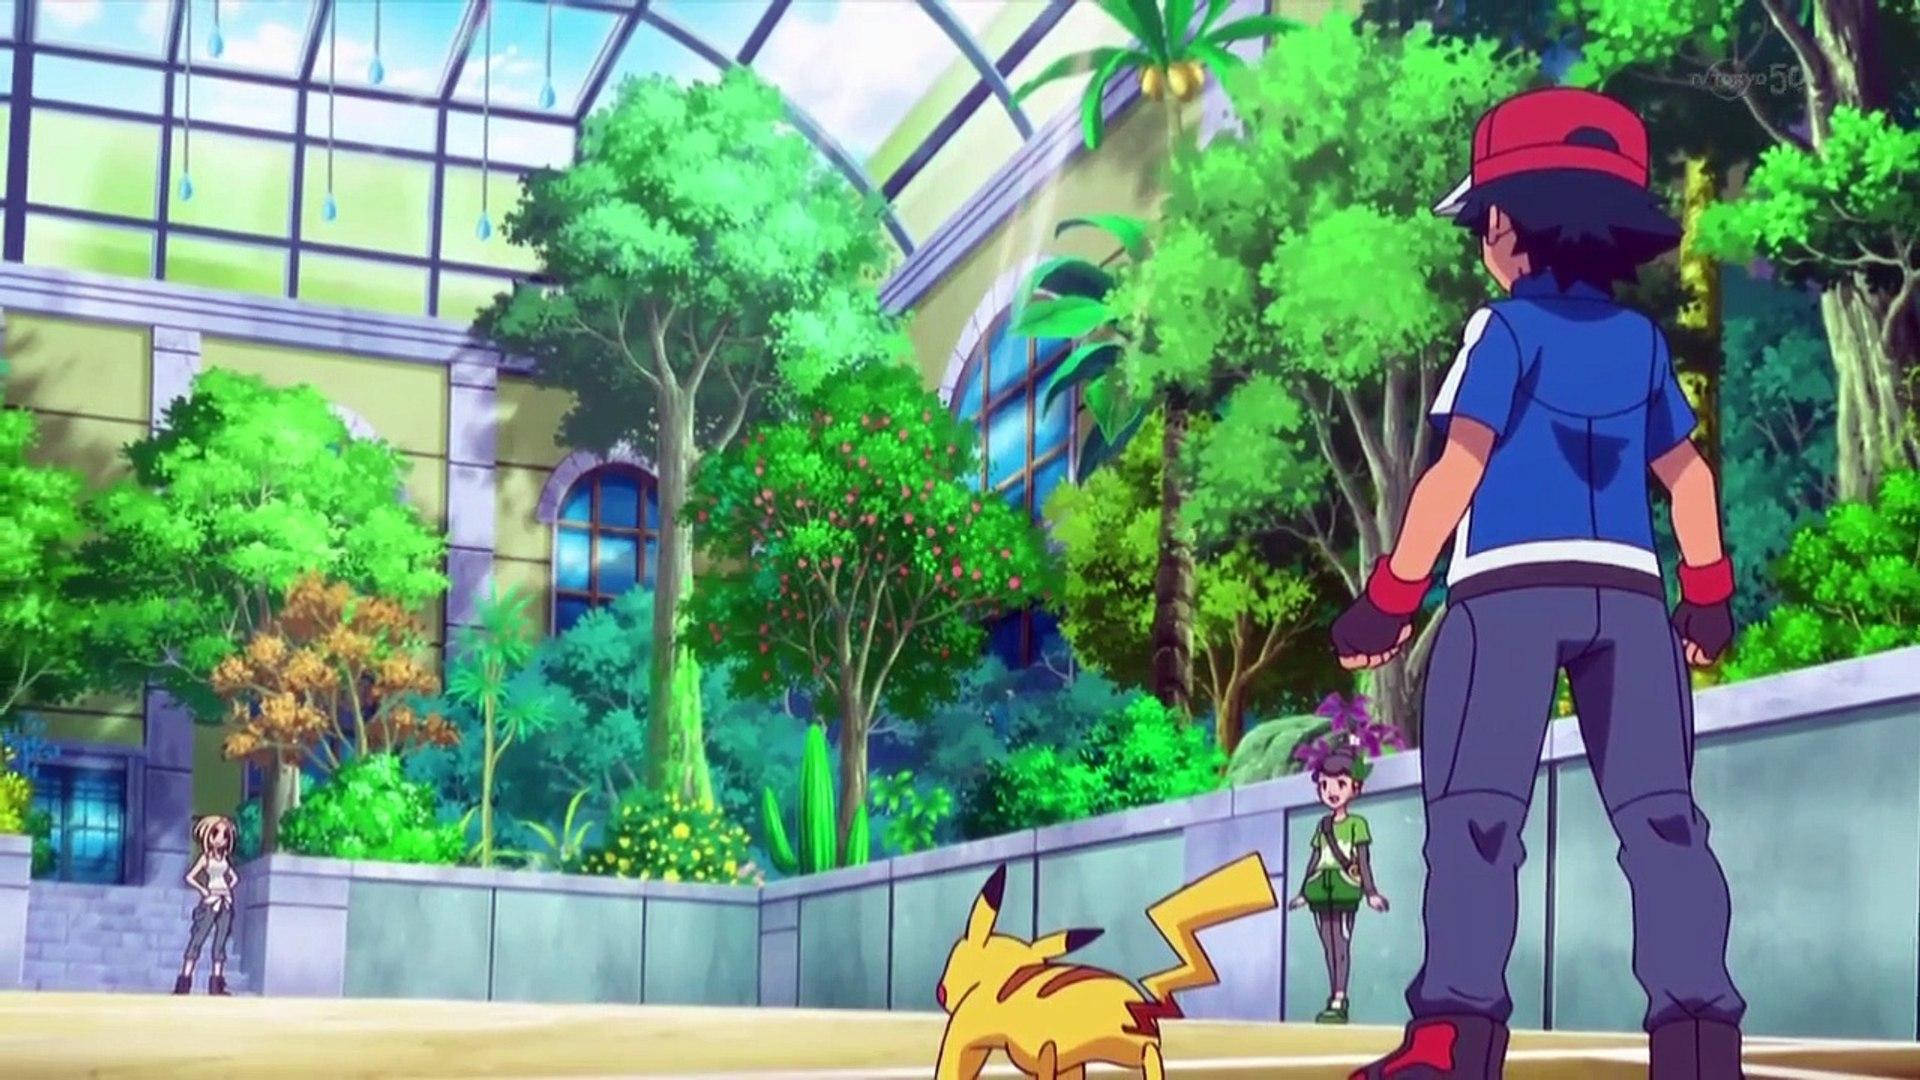 Pokemon XY Episode 5 in Hindi | Pokemon XY Series in Hindi Dubbed | Pokemon  XY in Hindi - video Dailymotion